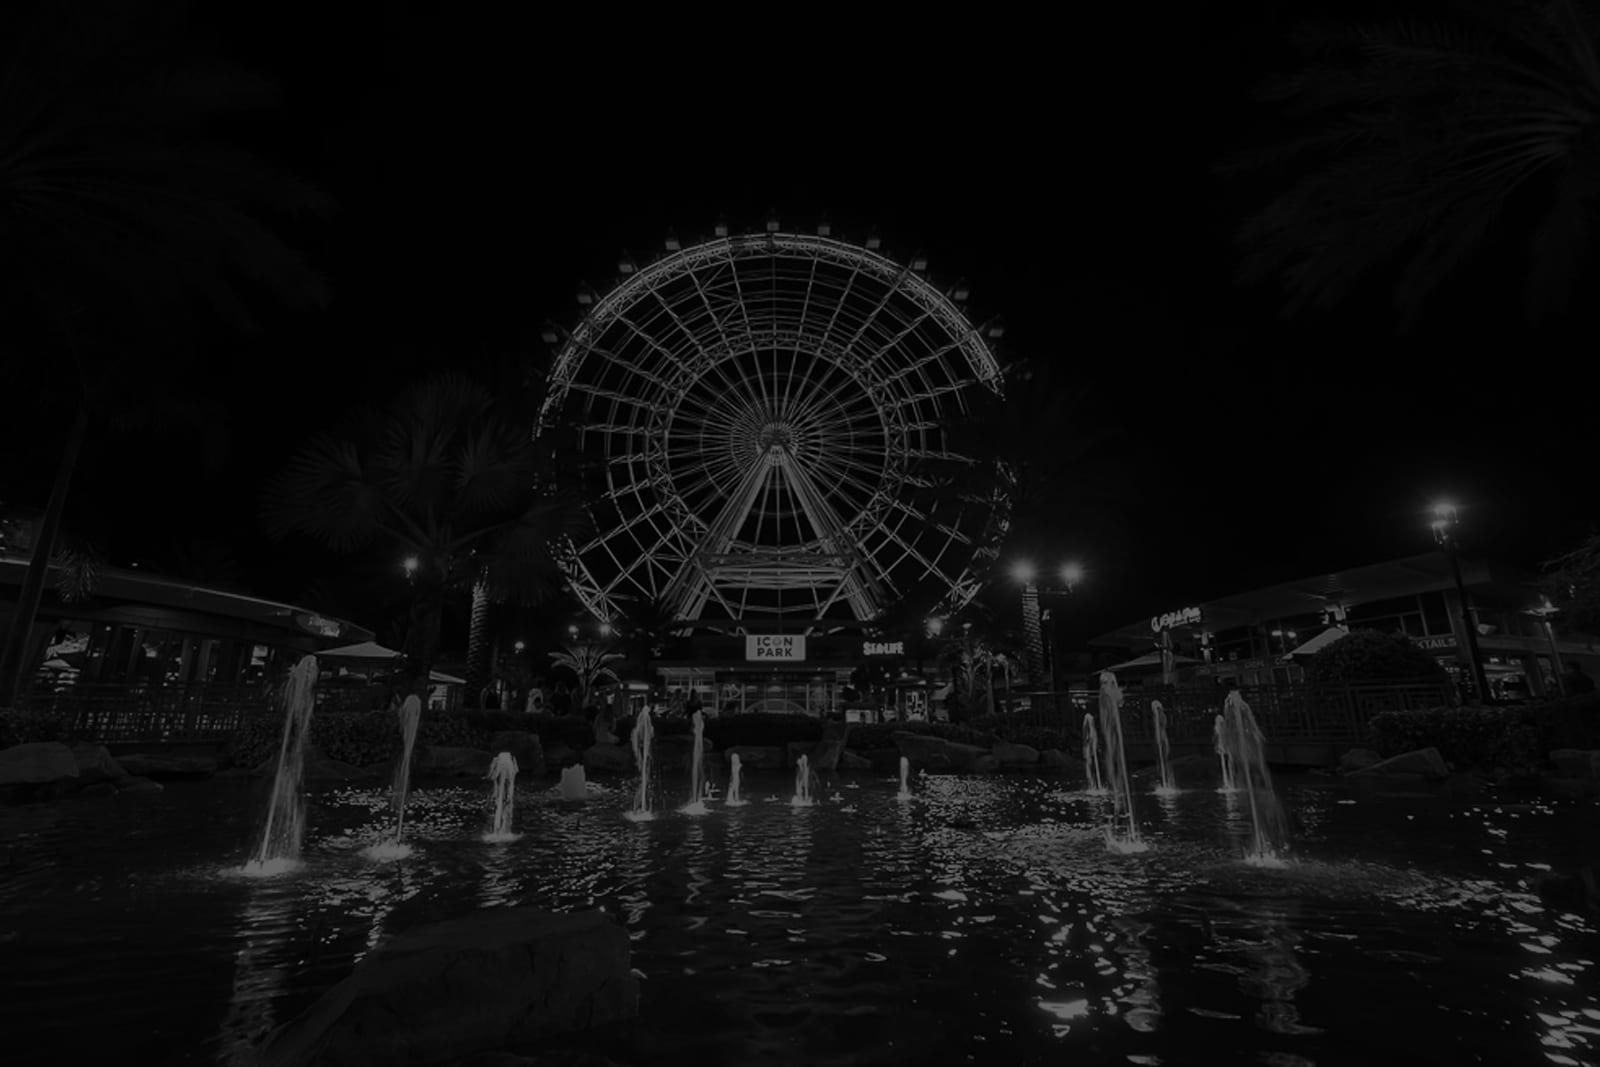 Black & White photo of The Wheel